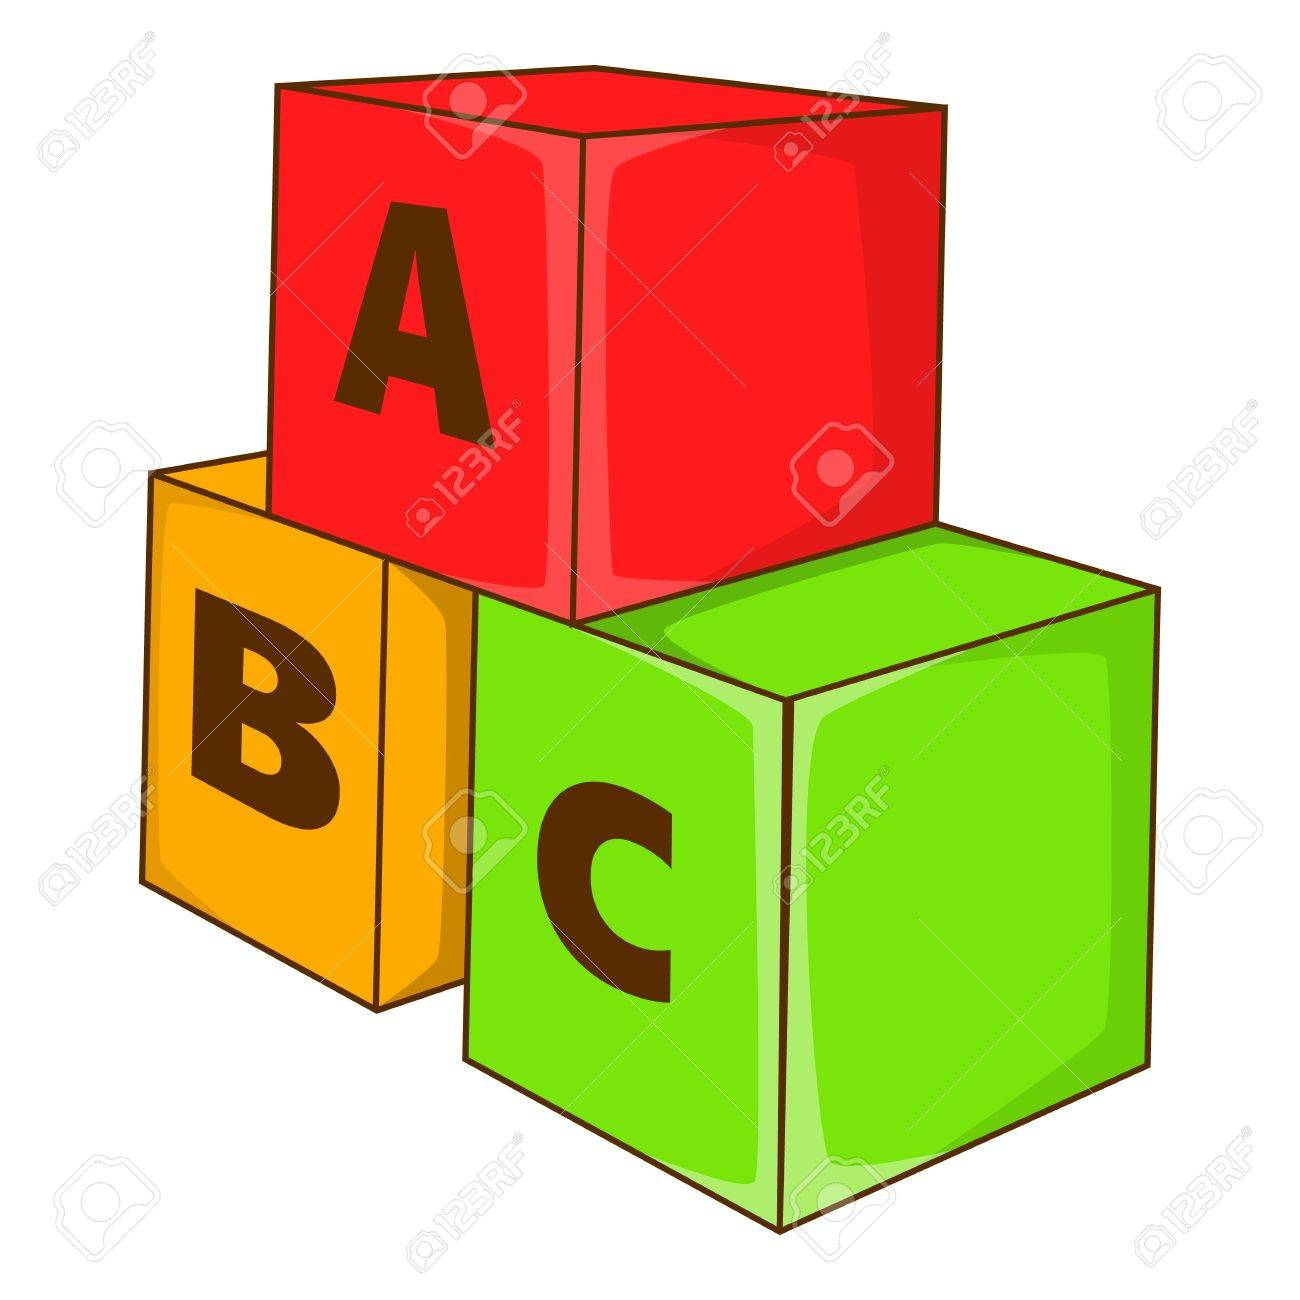 Pyramide De Dessin Animé De Cubes Colorés Cubes De Jouet Pour Les Enfants Illustration Vectorielle Coloré Pour Les Enfants Vecteurs libres de droits